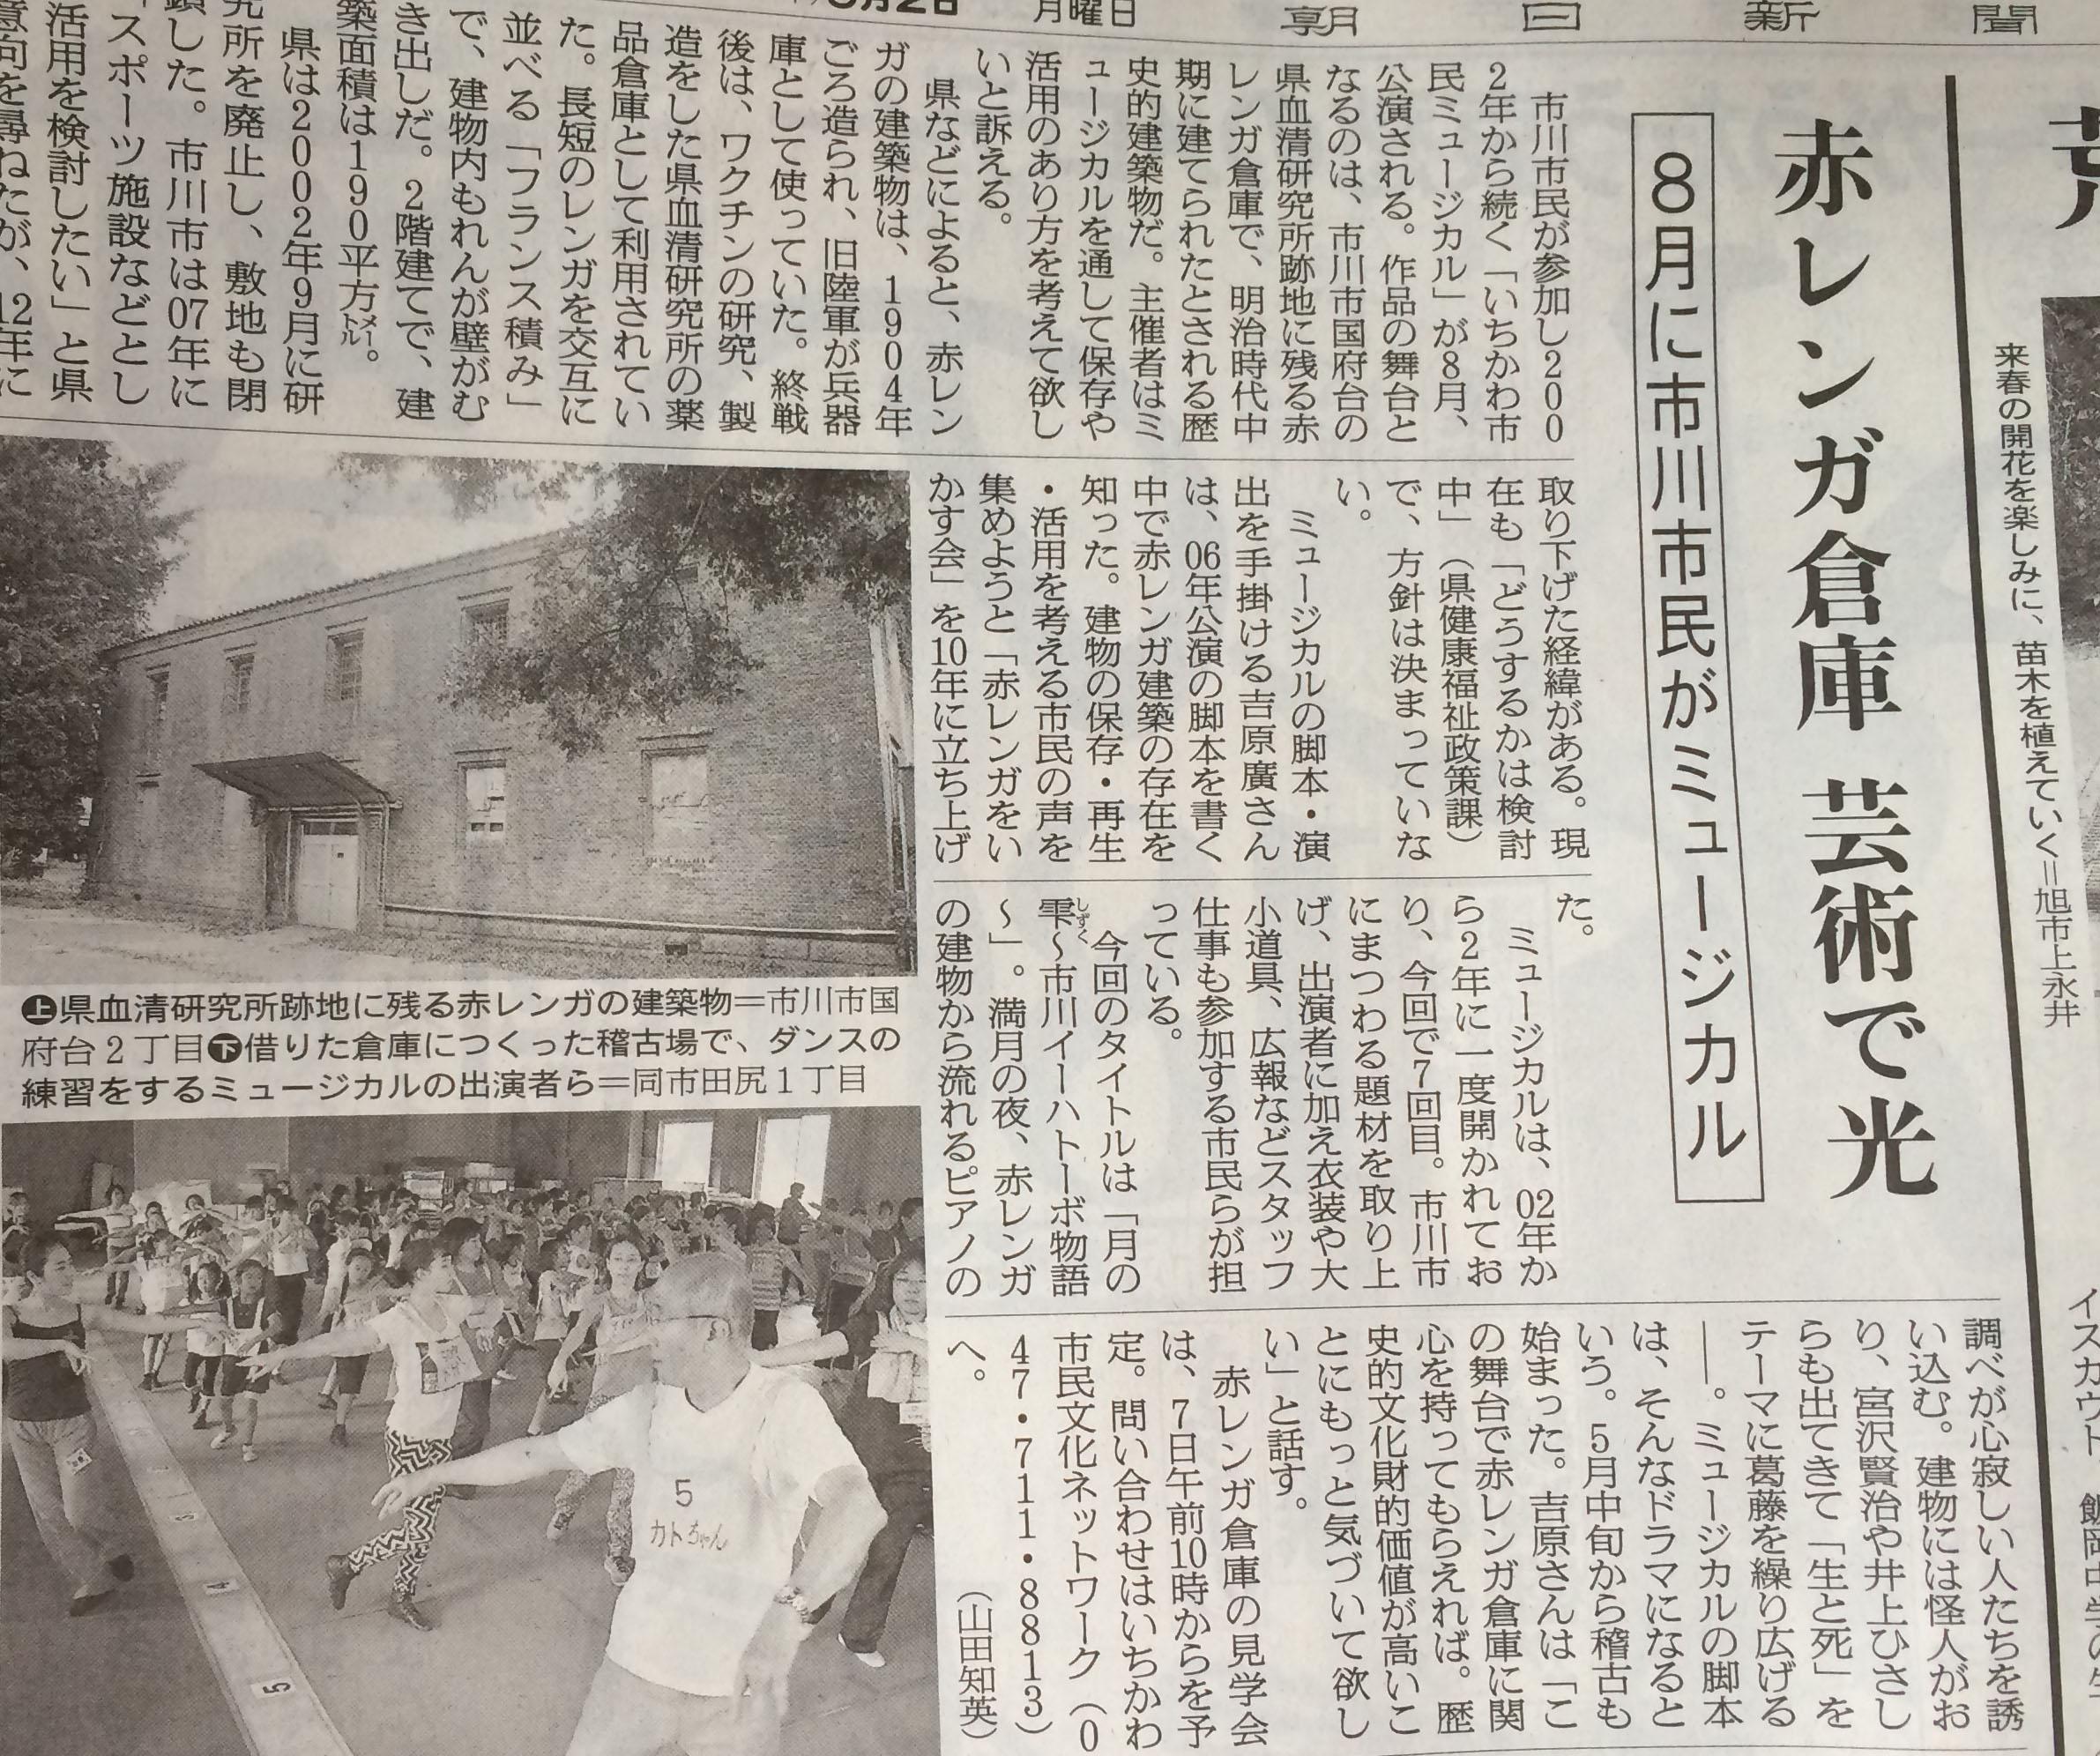 朝日新聞千葉版